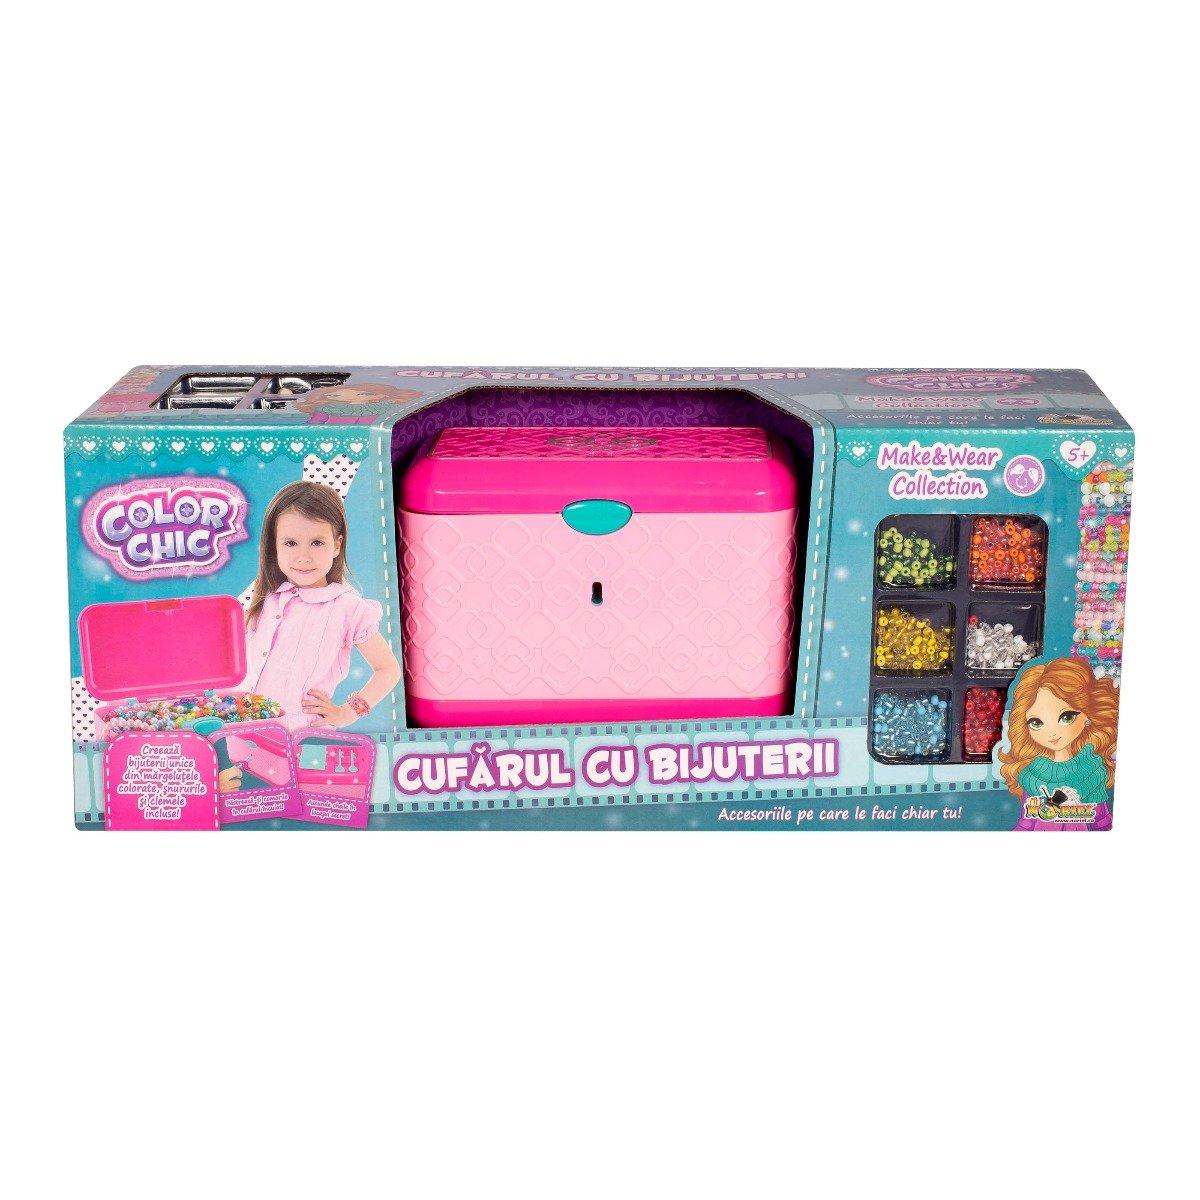 Set Creativ Color Chic - Cufarul Cu Bijuterii